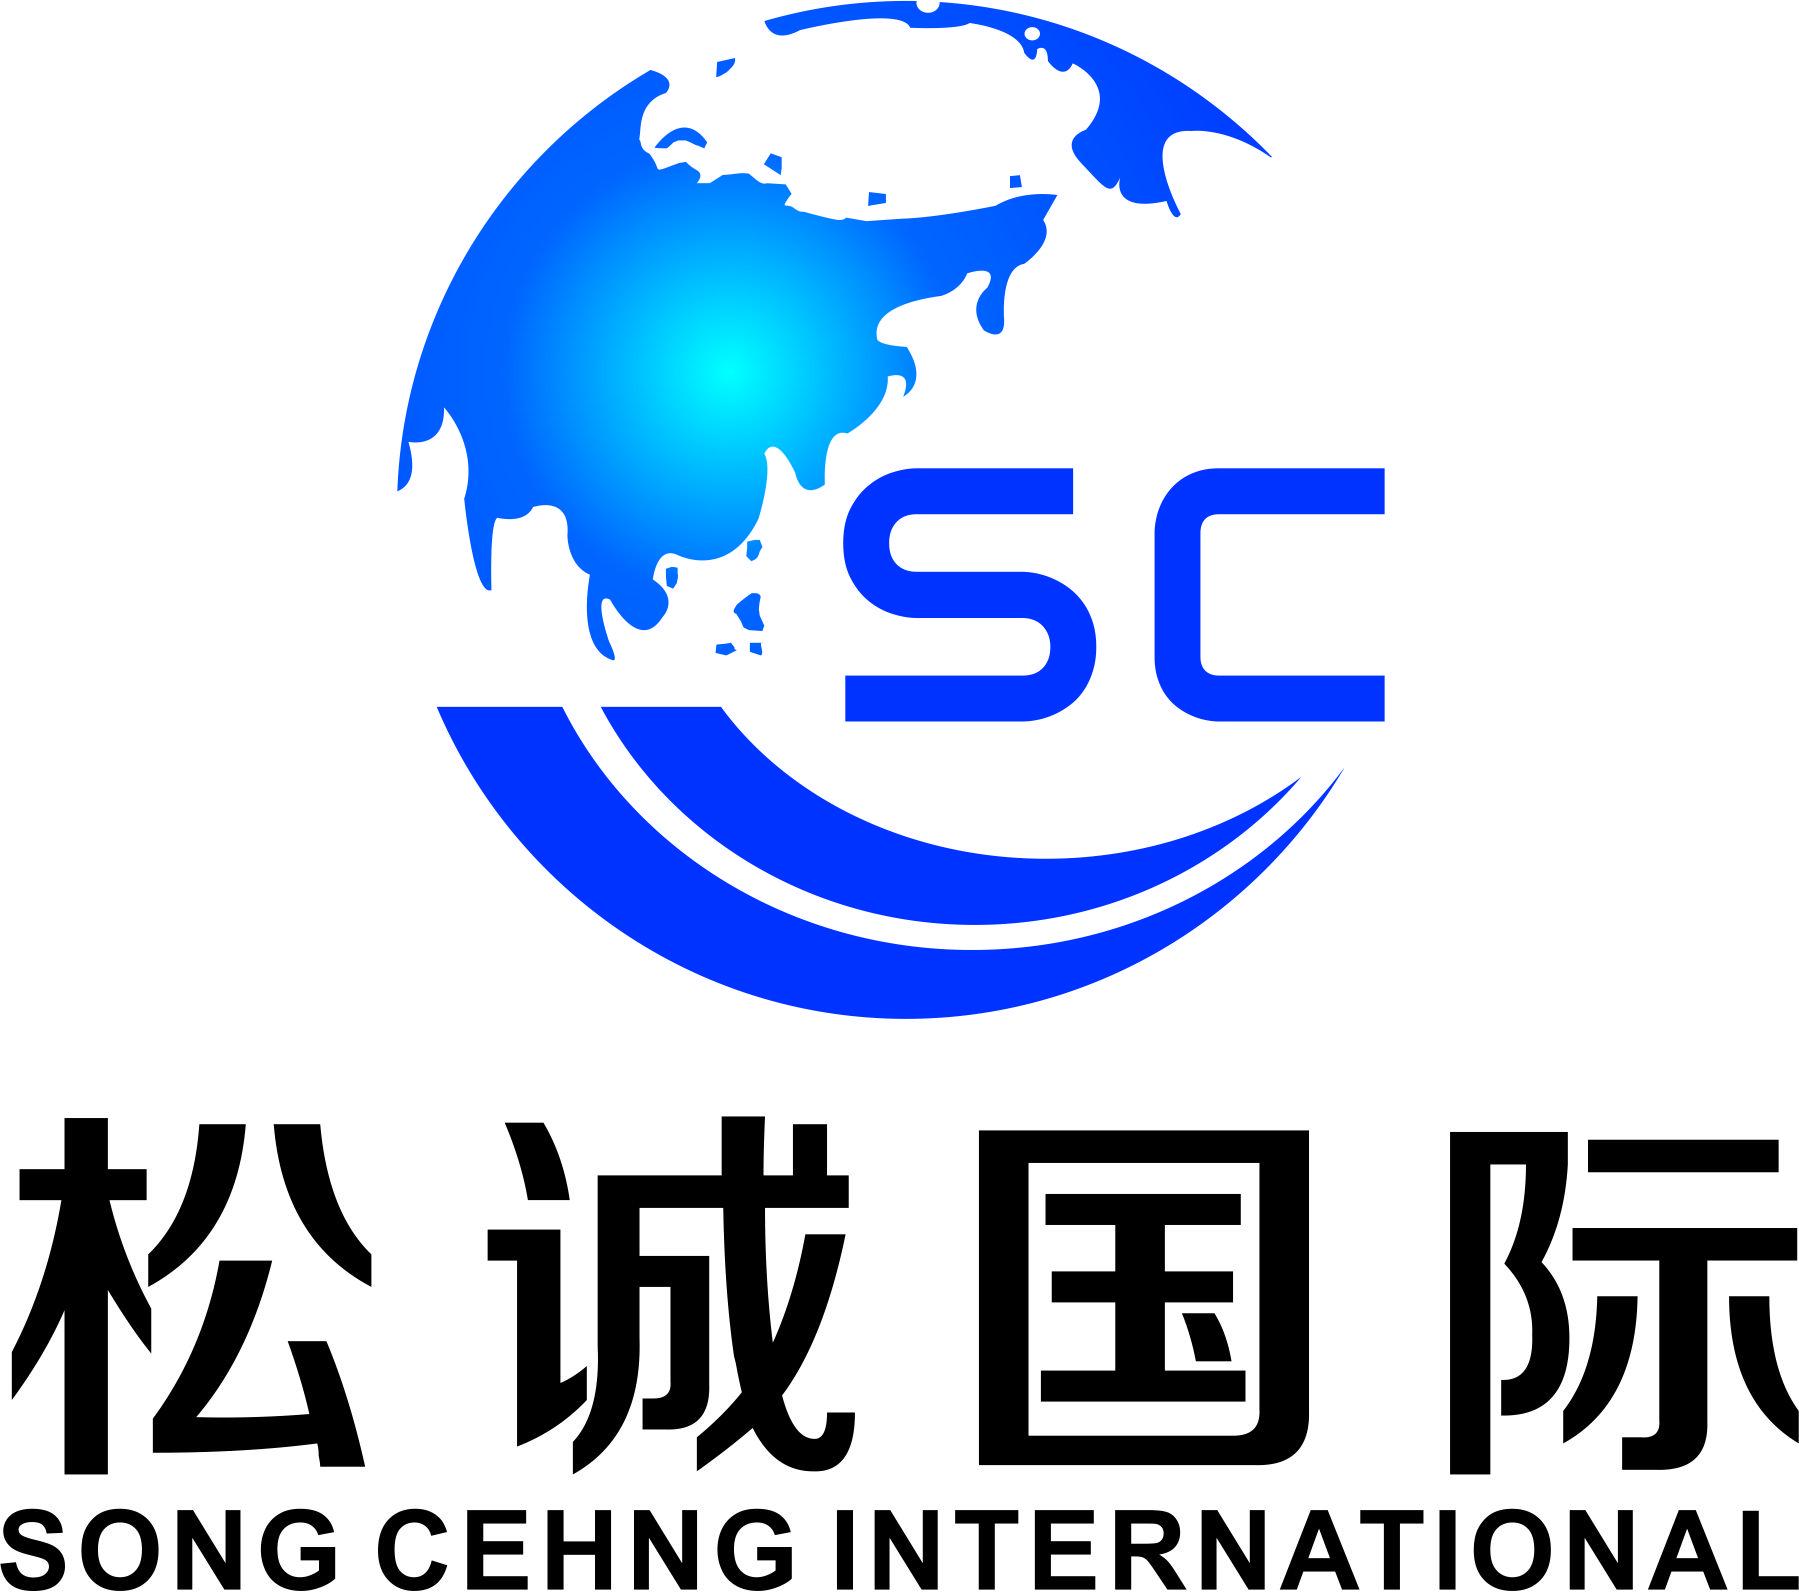 山�|松�\���H���技�g合作有限公司logo